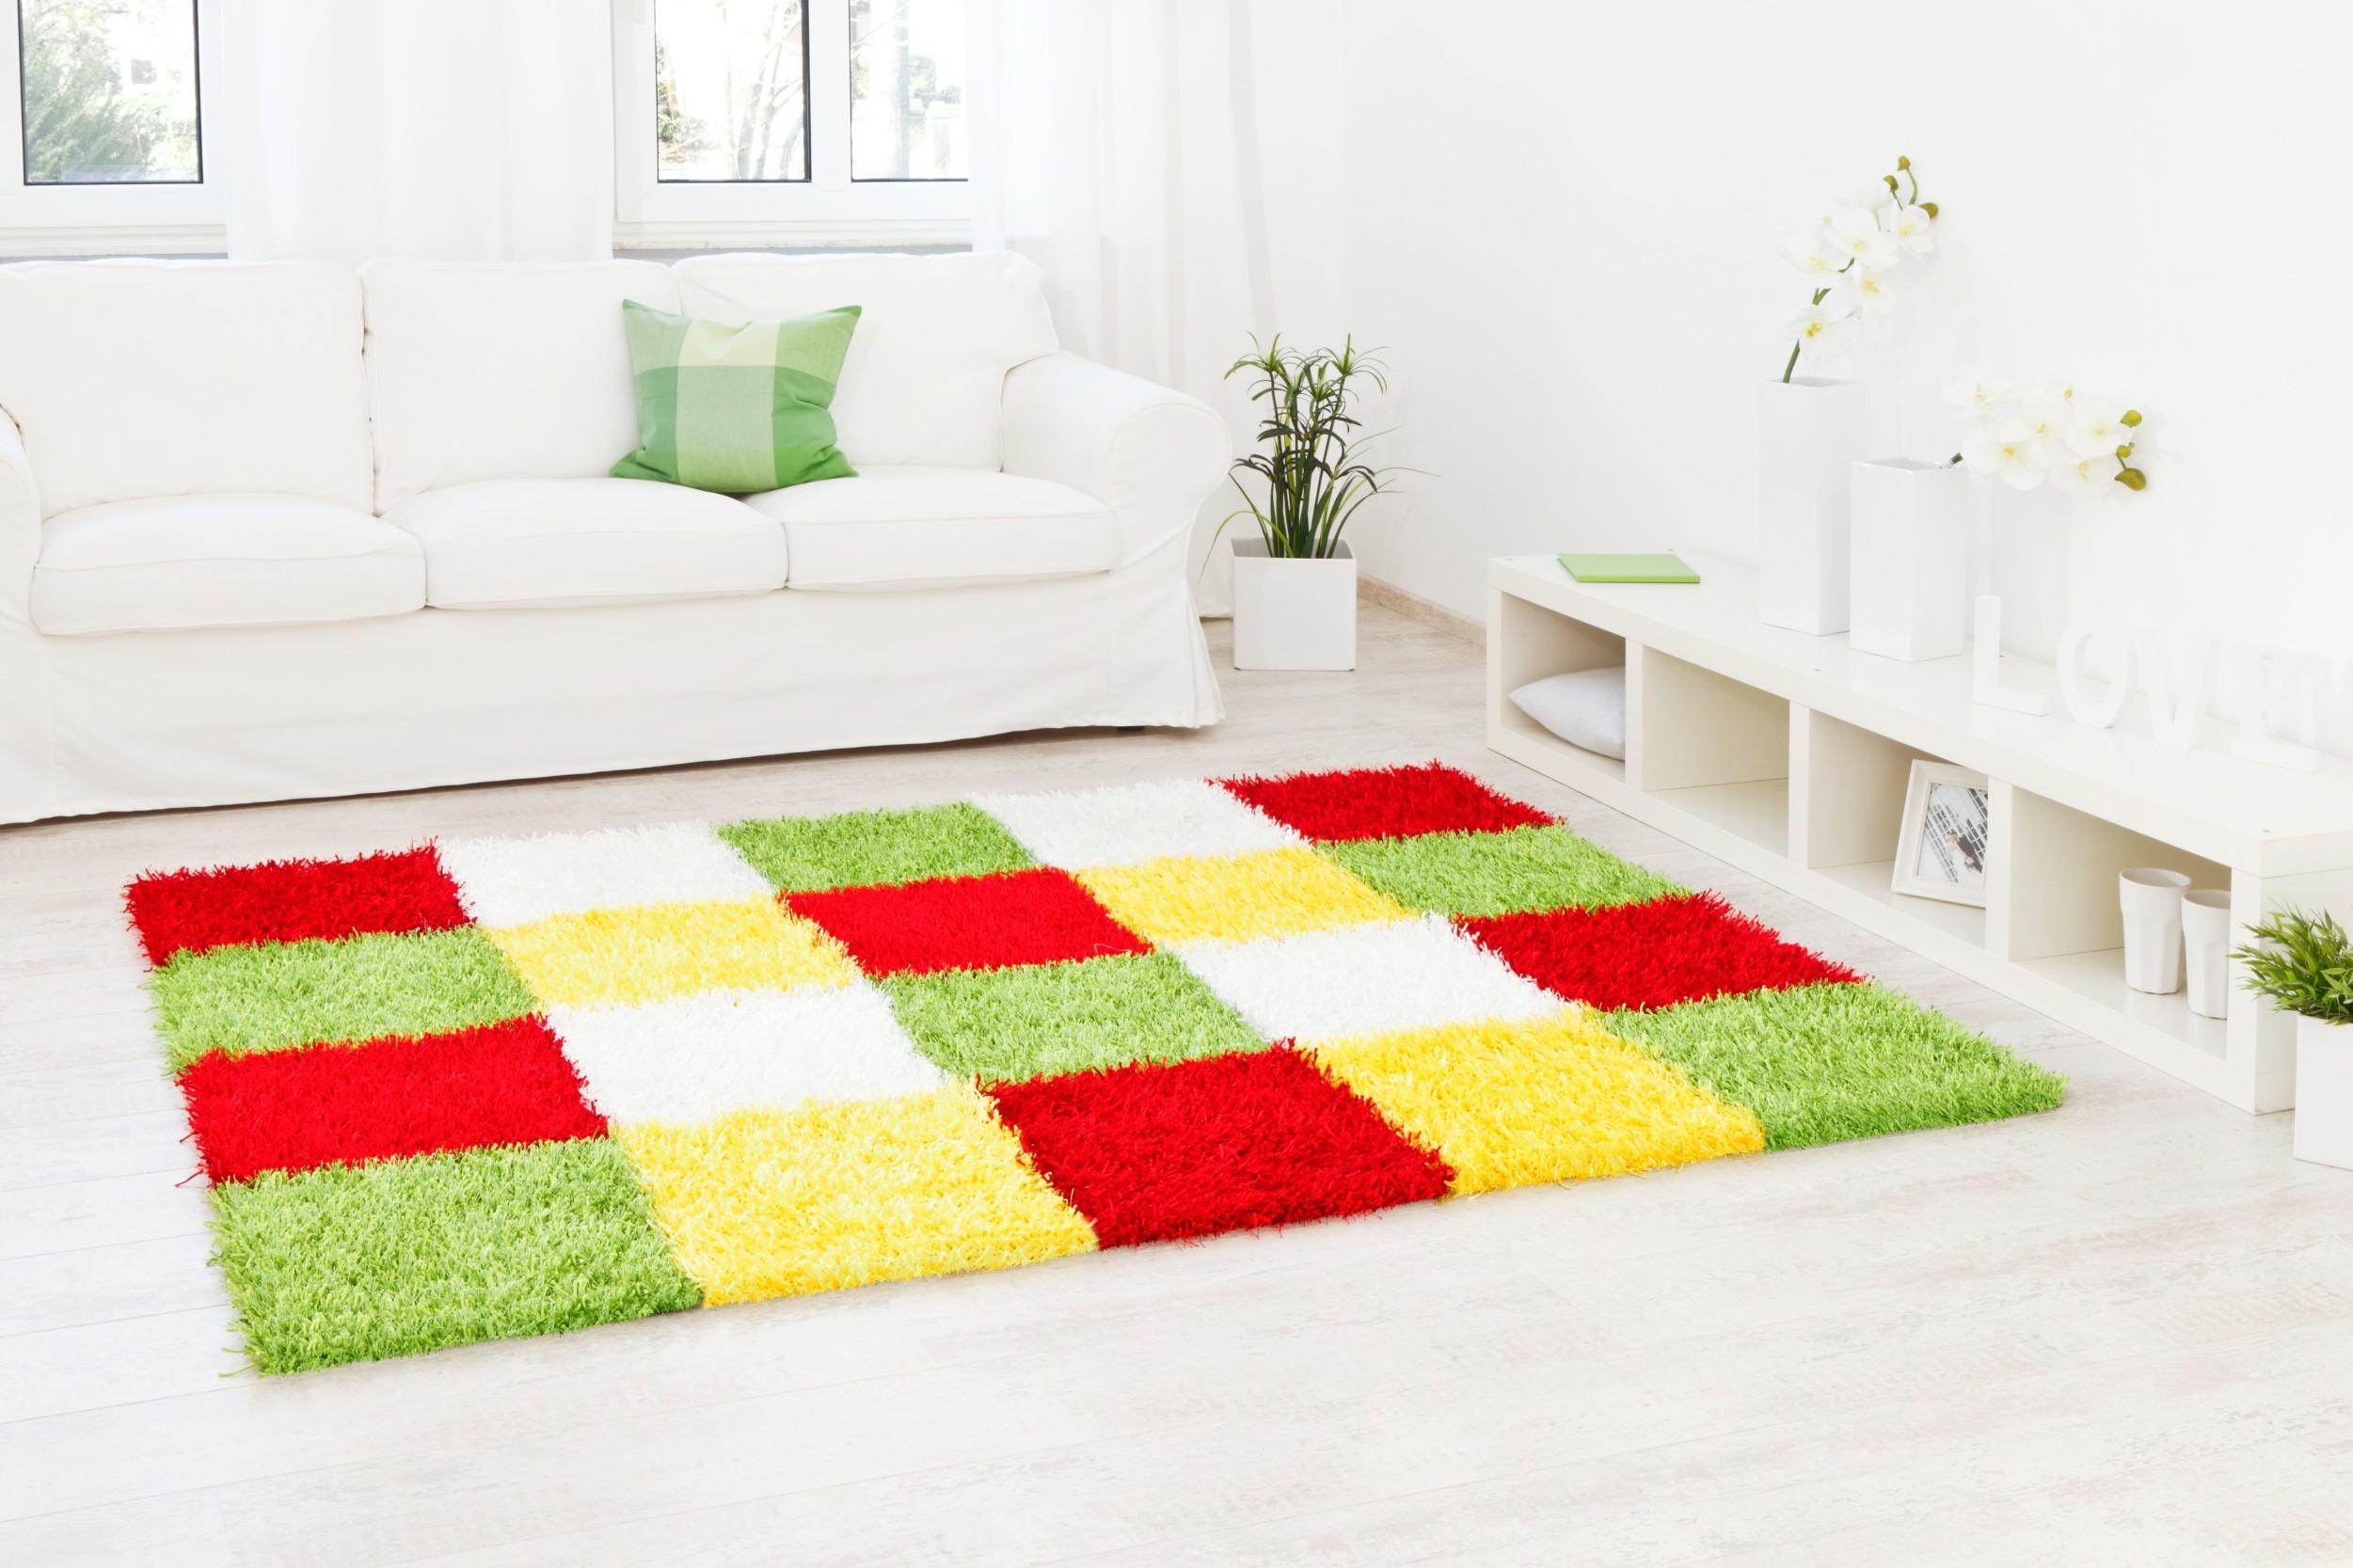 Teppich Al Mano Beispiel: lineares Kachelmuster mit frischen bunten Farben (grün, rot, weiß, gelb)